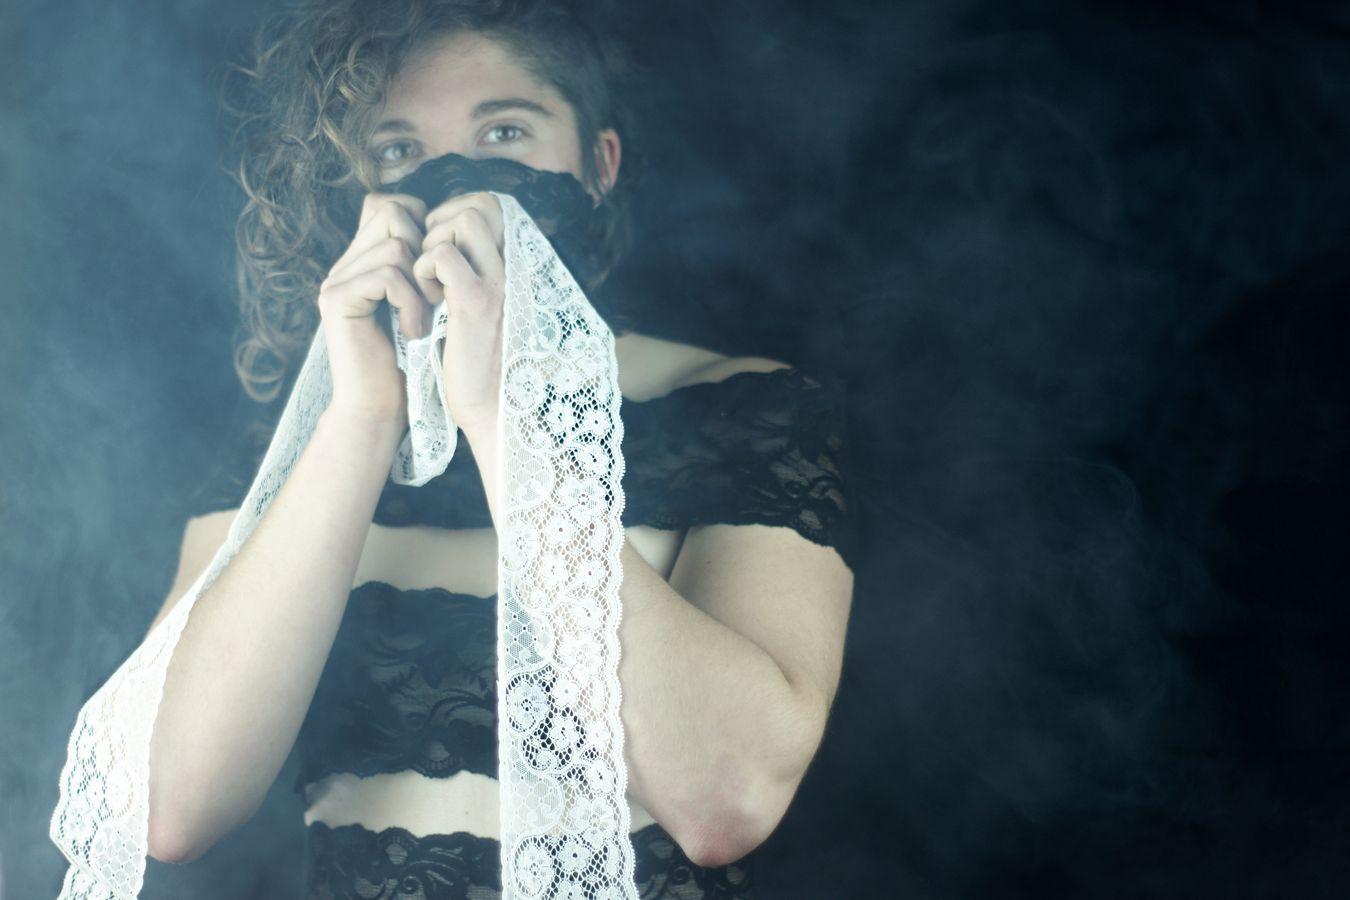 Portrait en studio de Charlotte, toute vêtue de bandes de dentelle noire. Dans ses mains, elle serre une bande dentelle blanche, comme si elle souhaitait changer de couleur.